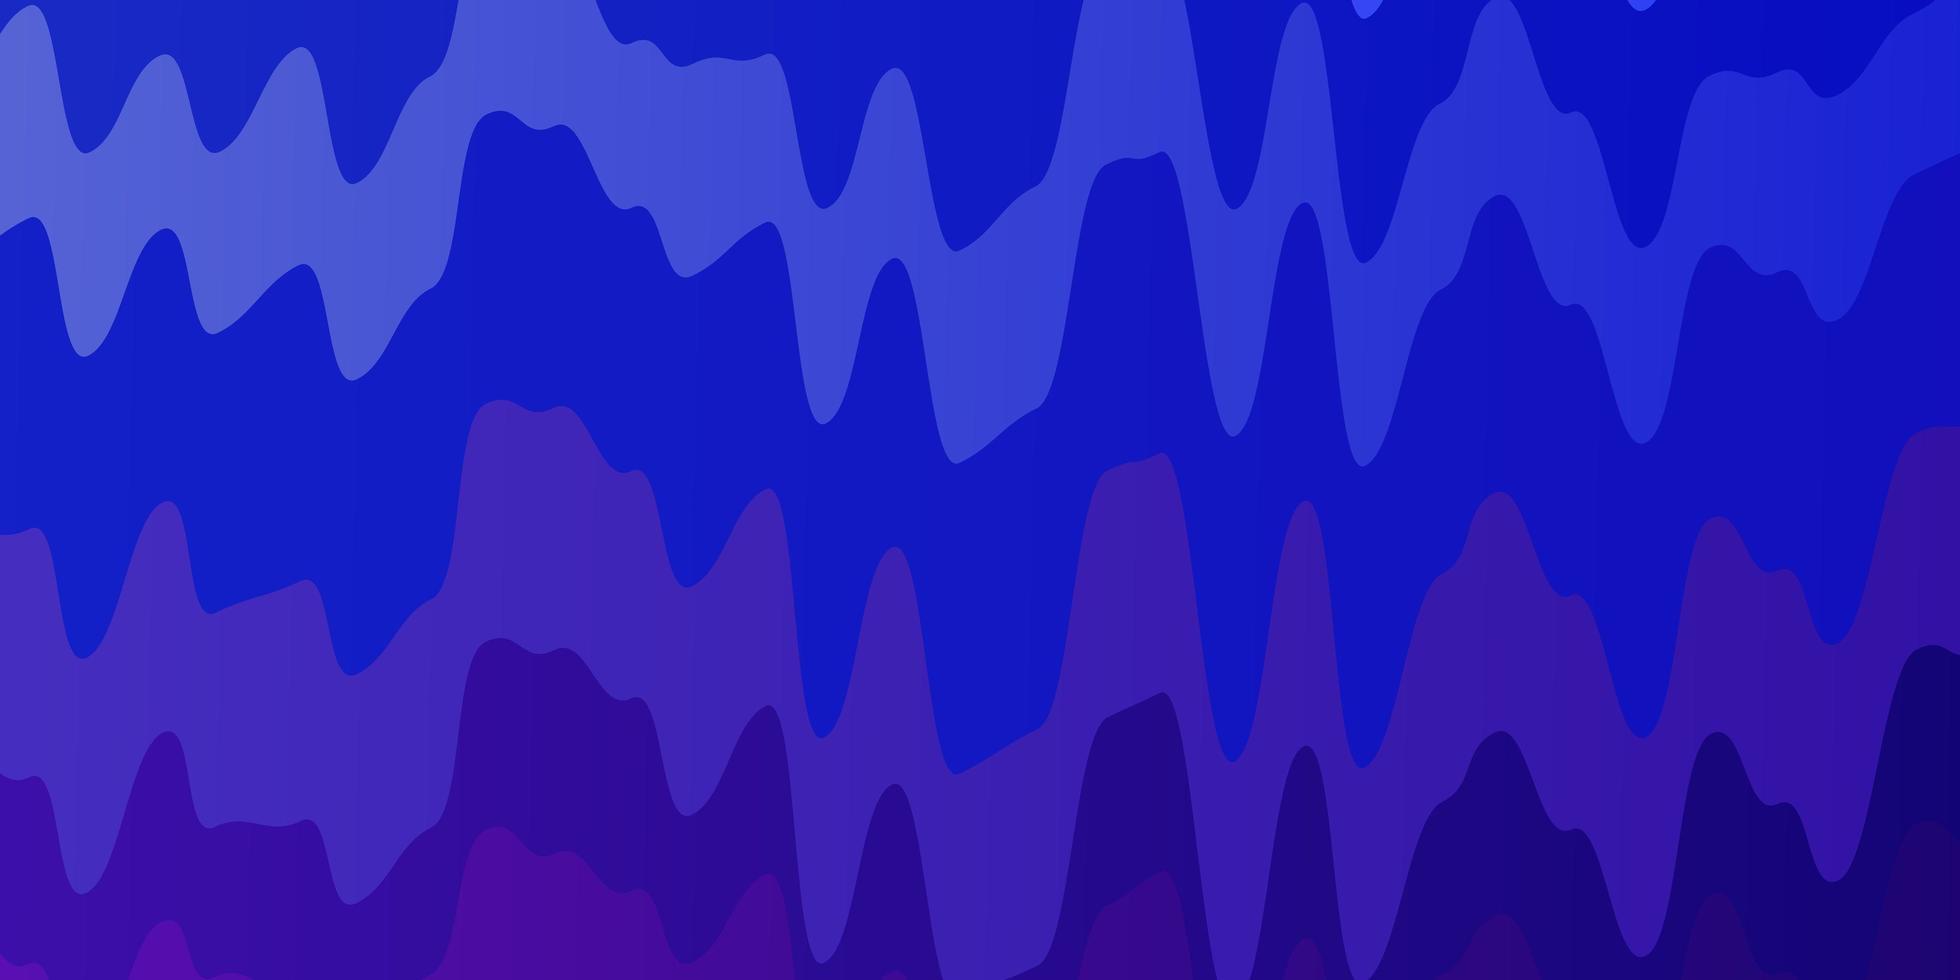 blauer, lila Hintergrund mit Wellenlinien. vektor